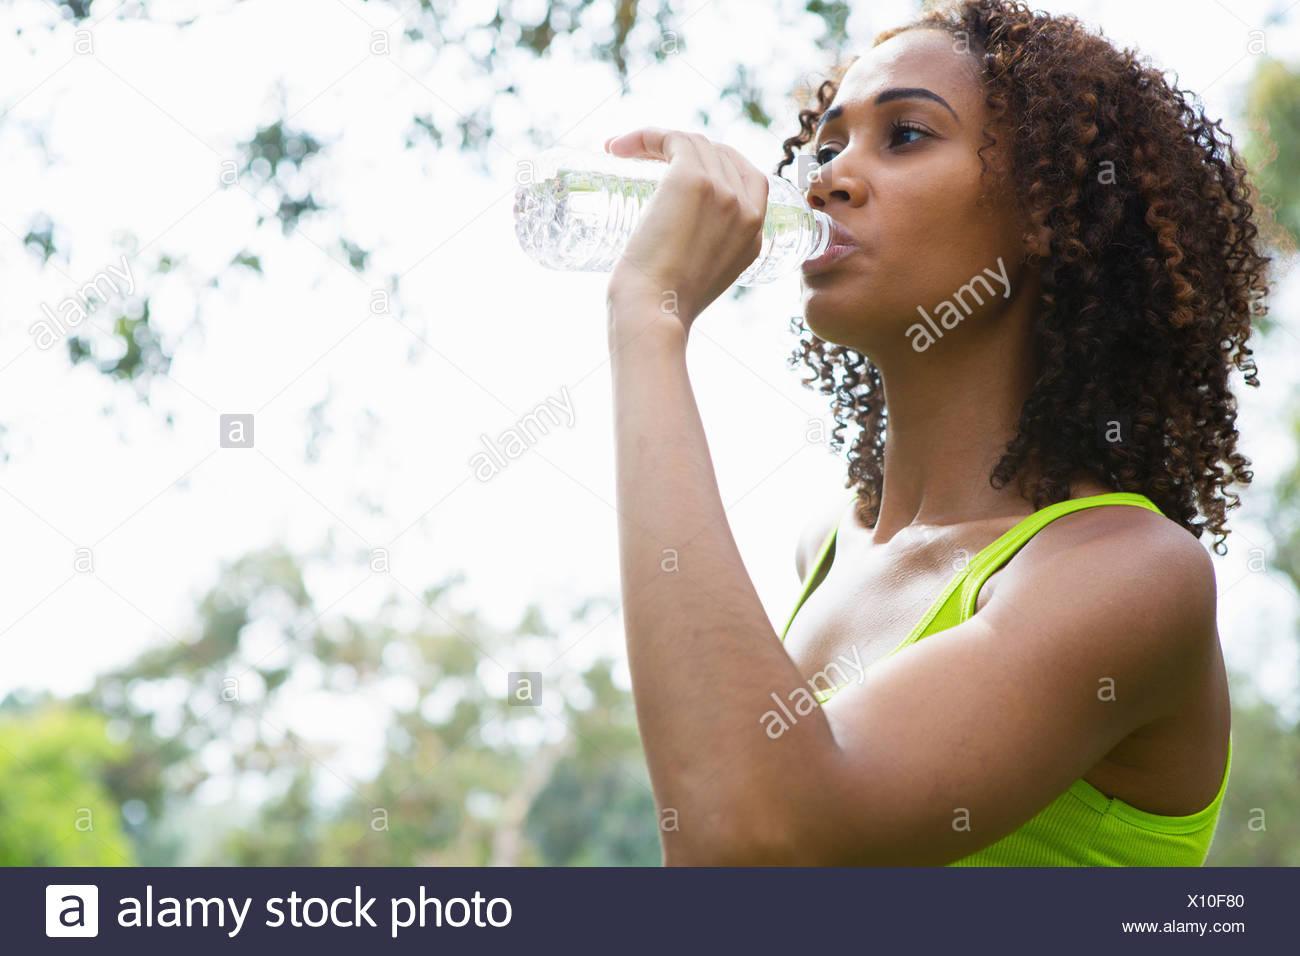 Mitte Erwachsene Frau trinken aus der Flasche Wasser Stockbild